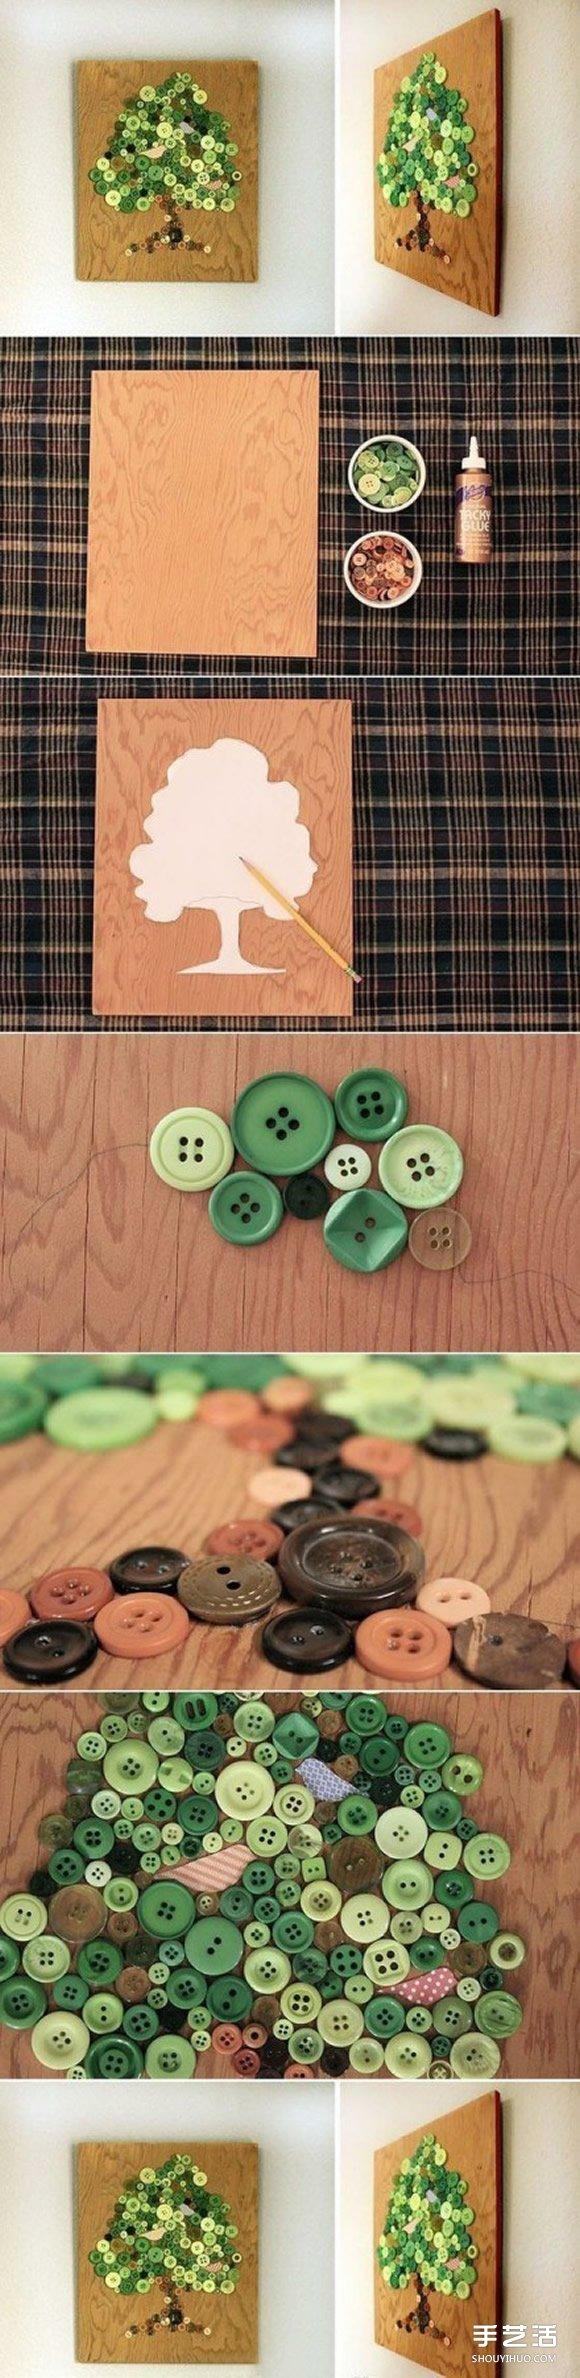 纽扣小手工:简单又好看的树木装饰画DIY -www.shouyihuo.com